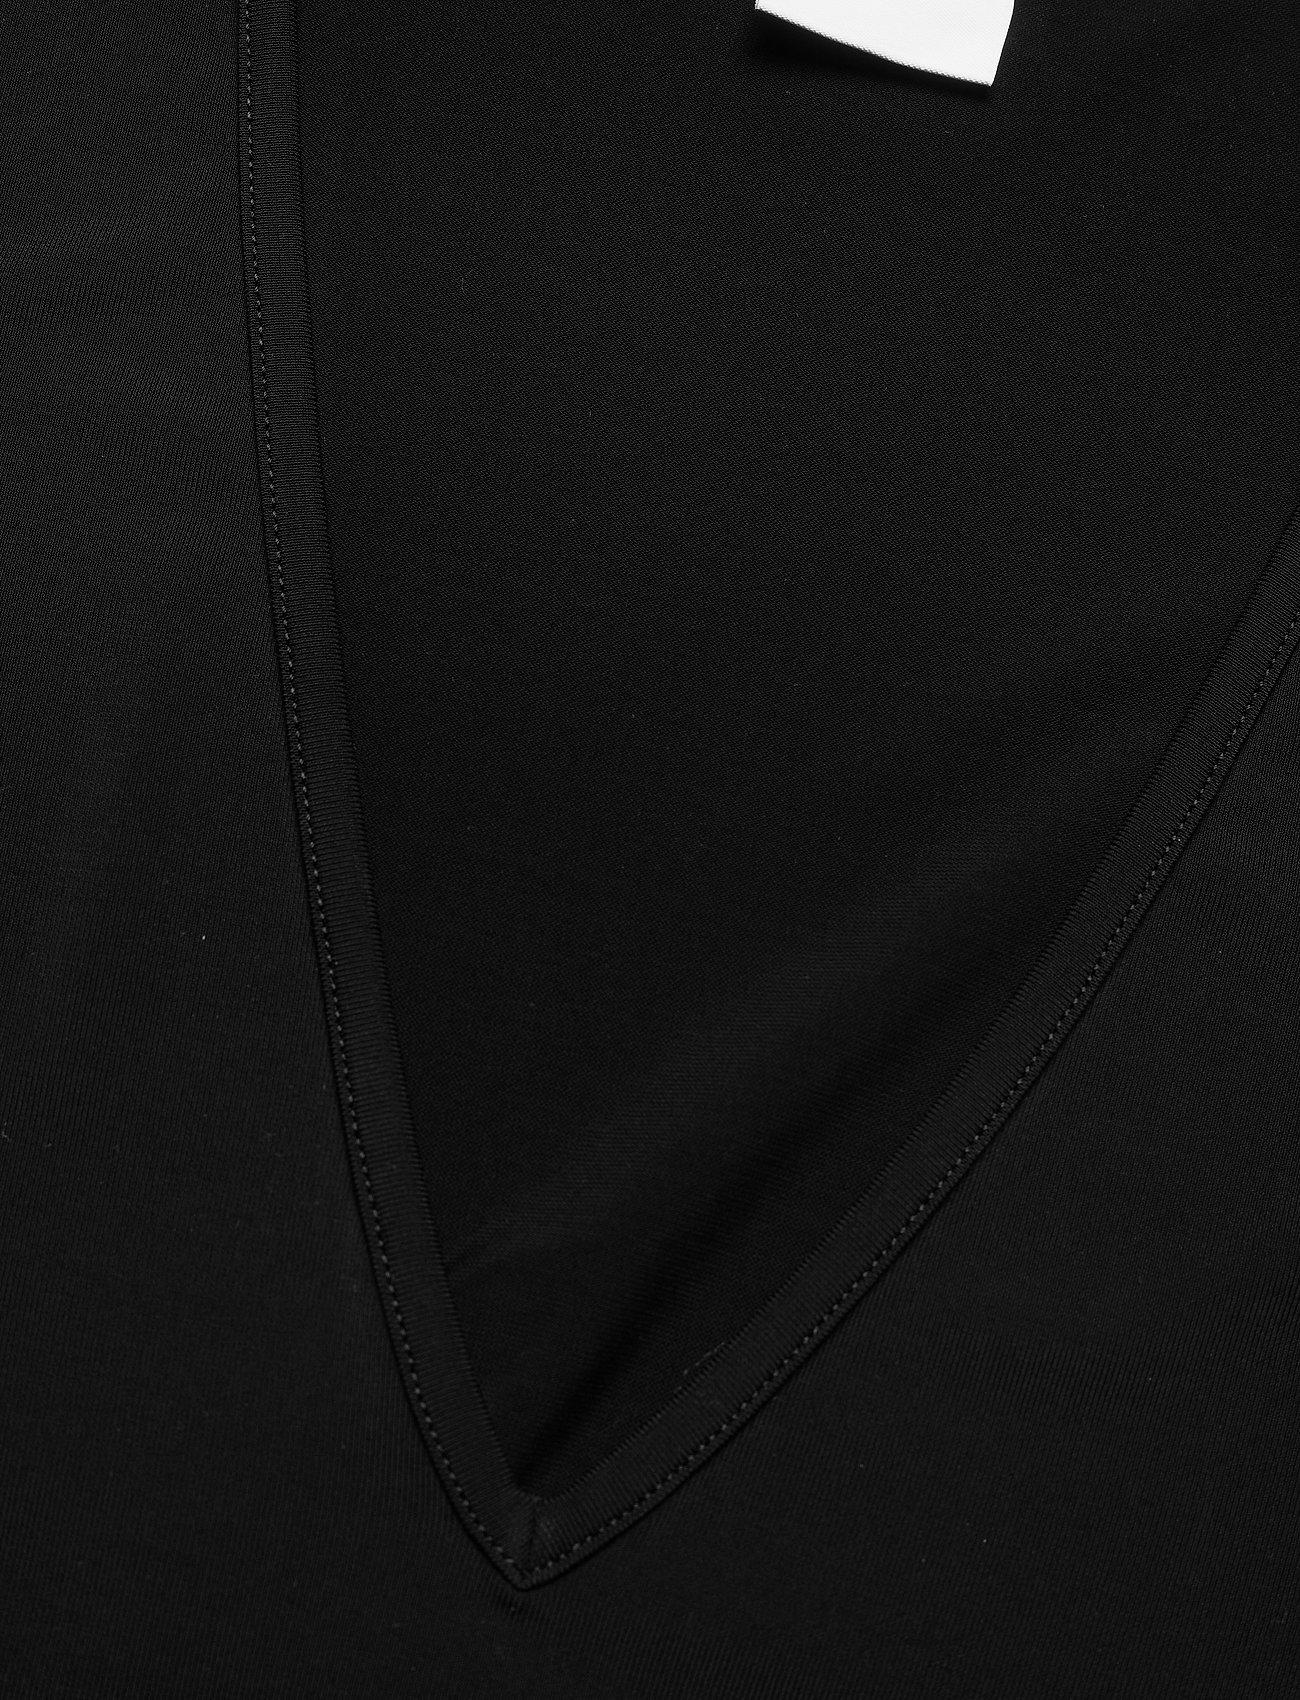 Max Mara Leisure - PAVENTO - beachwear - black - 2